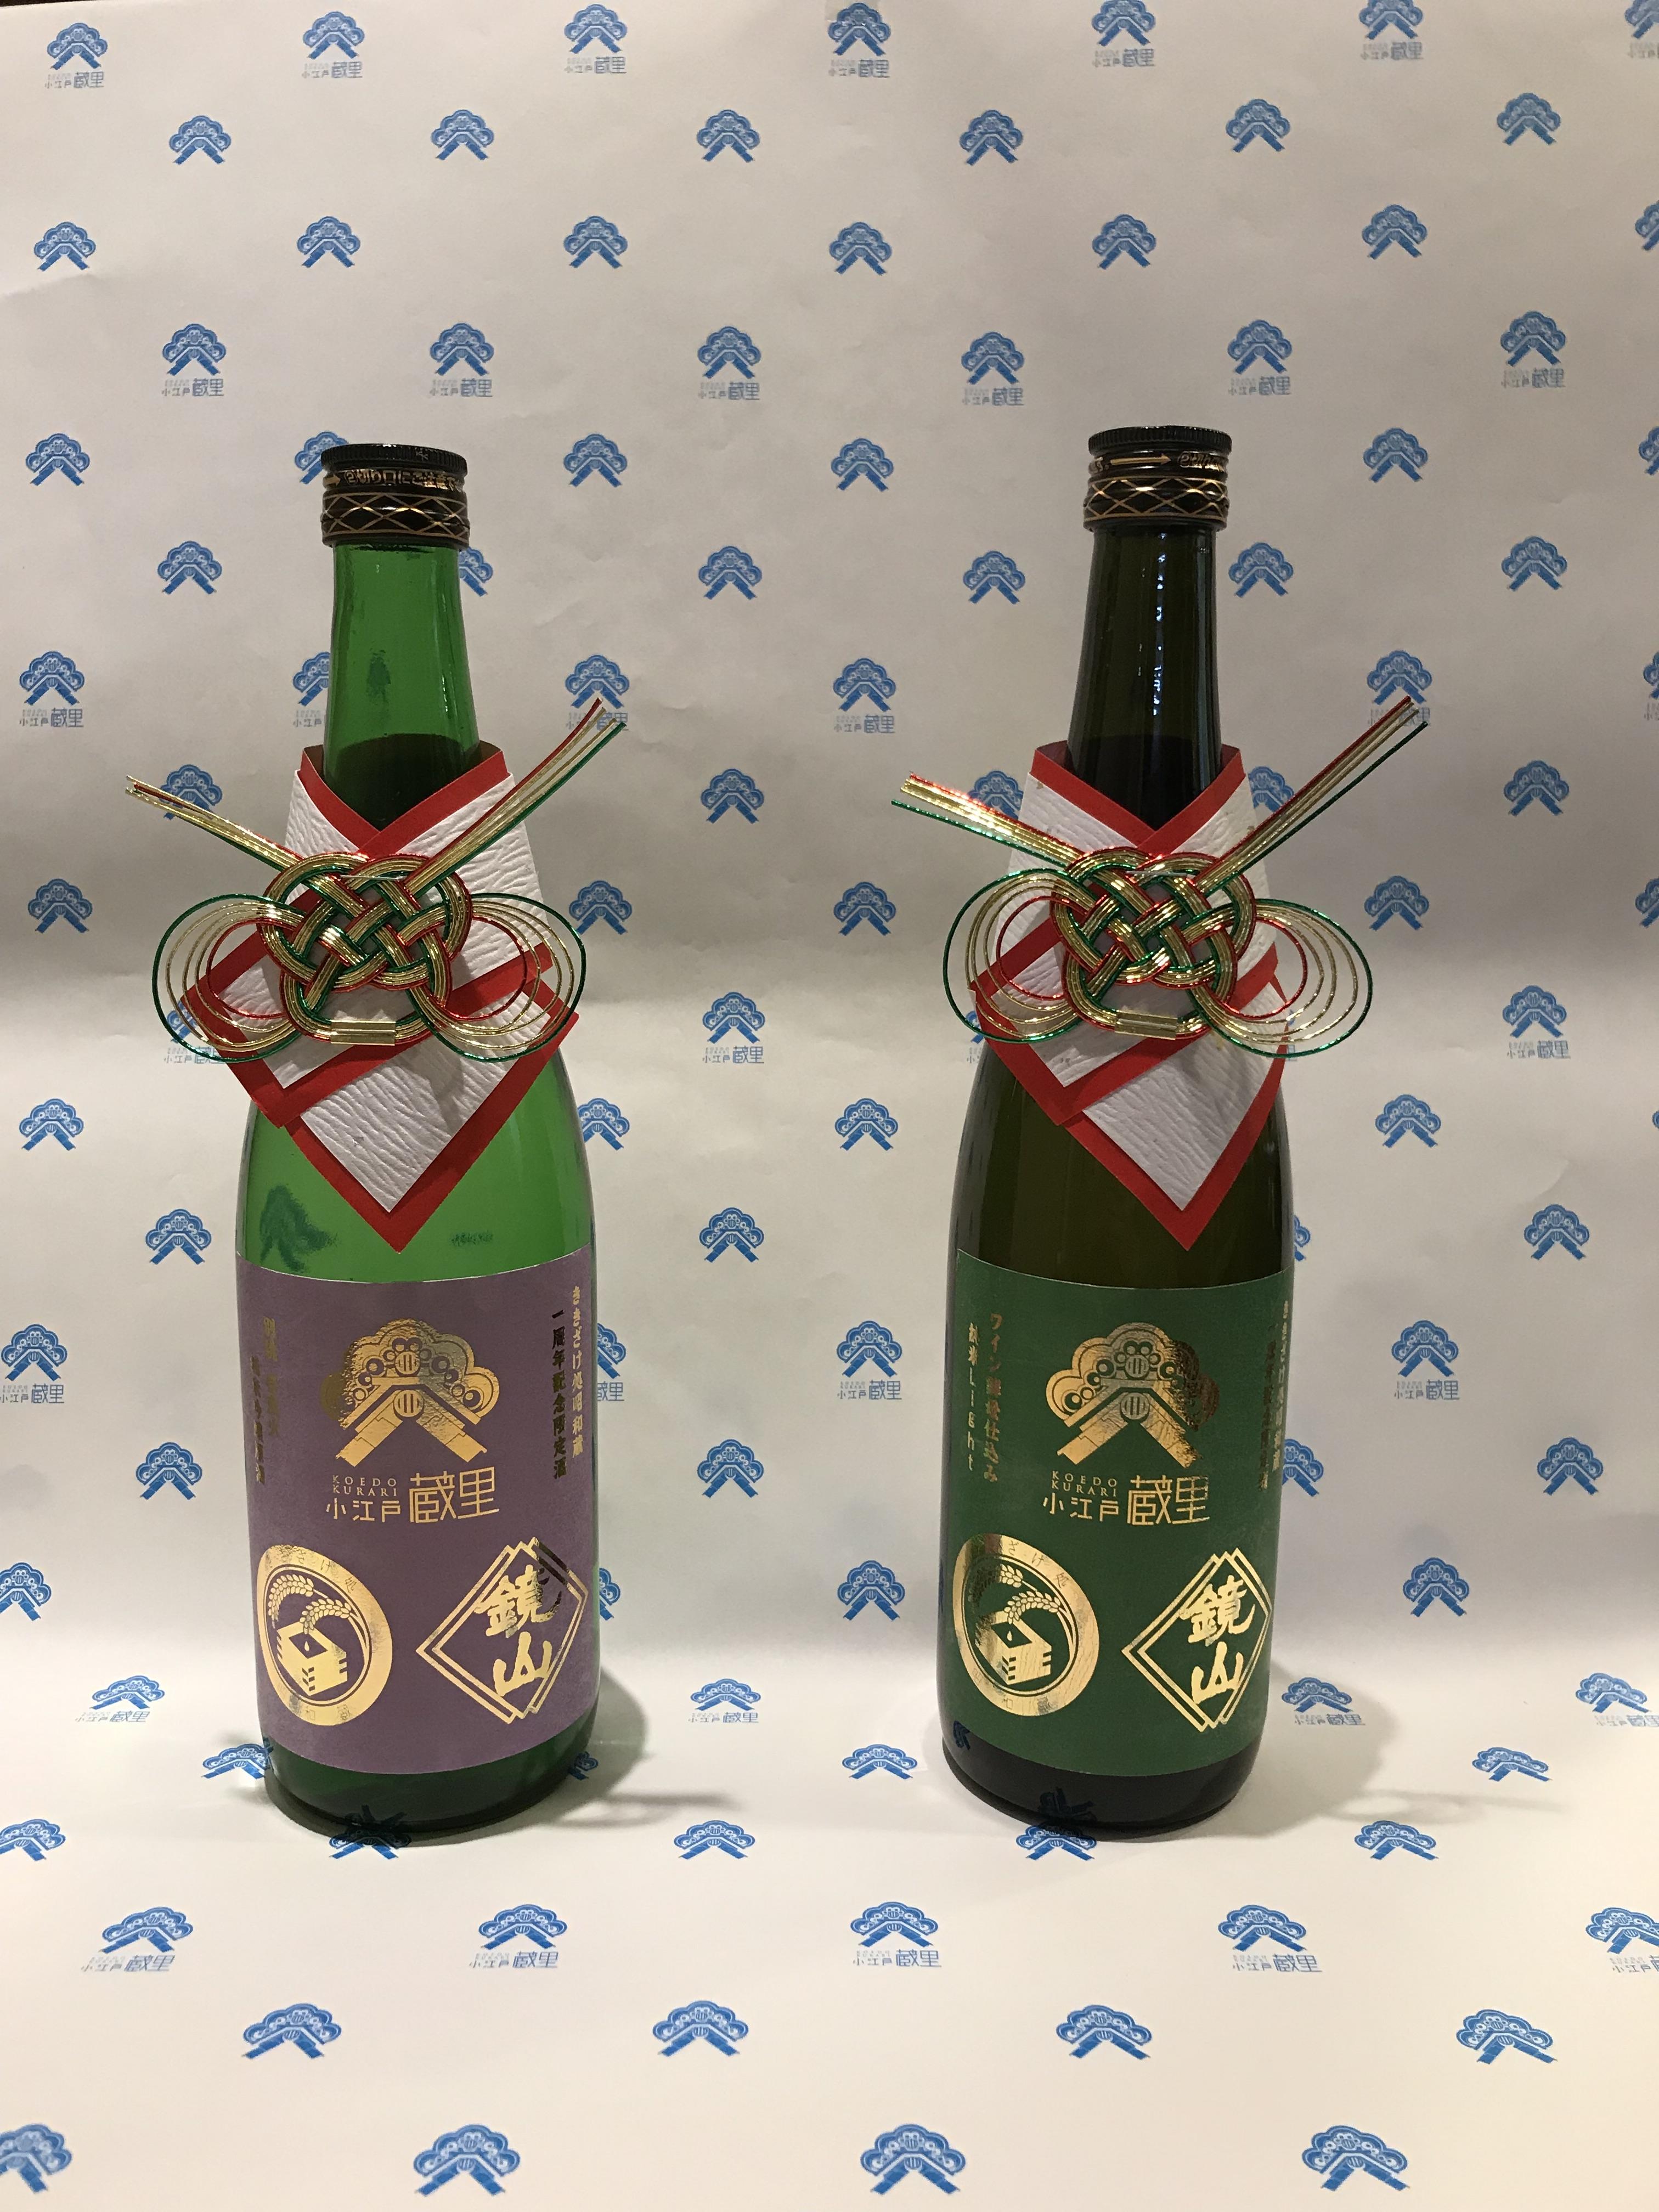 昭和蔵リニューアルオープン1周年「記念限定酒」販売のお知らせ